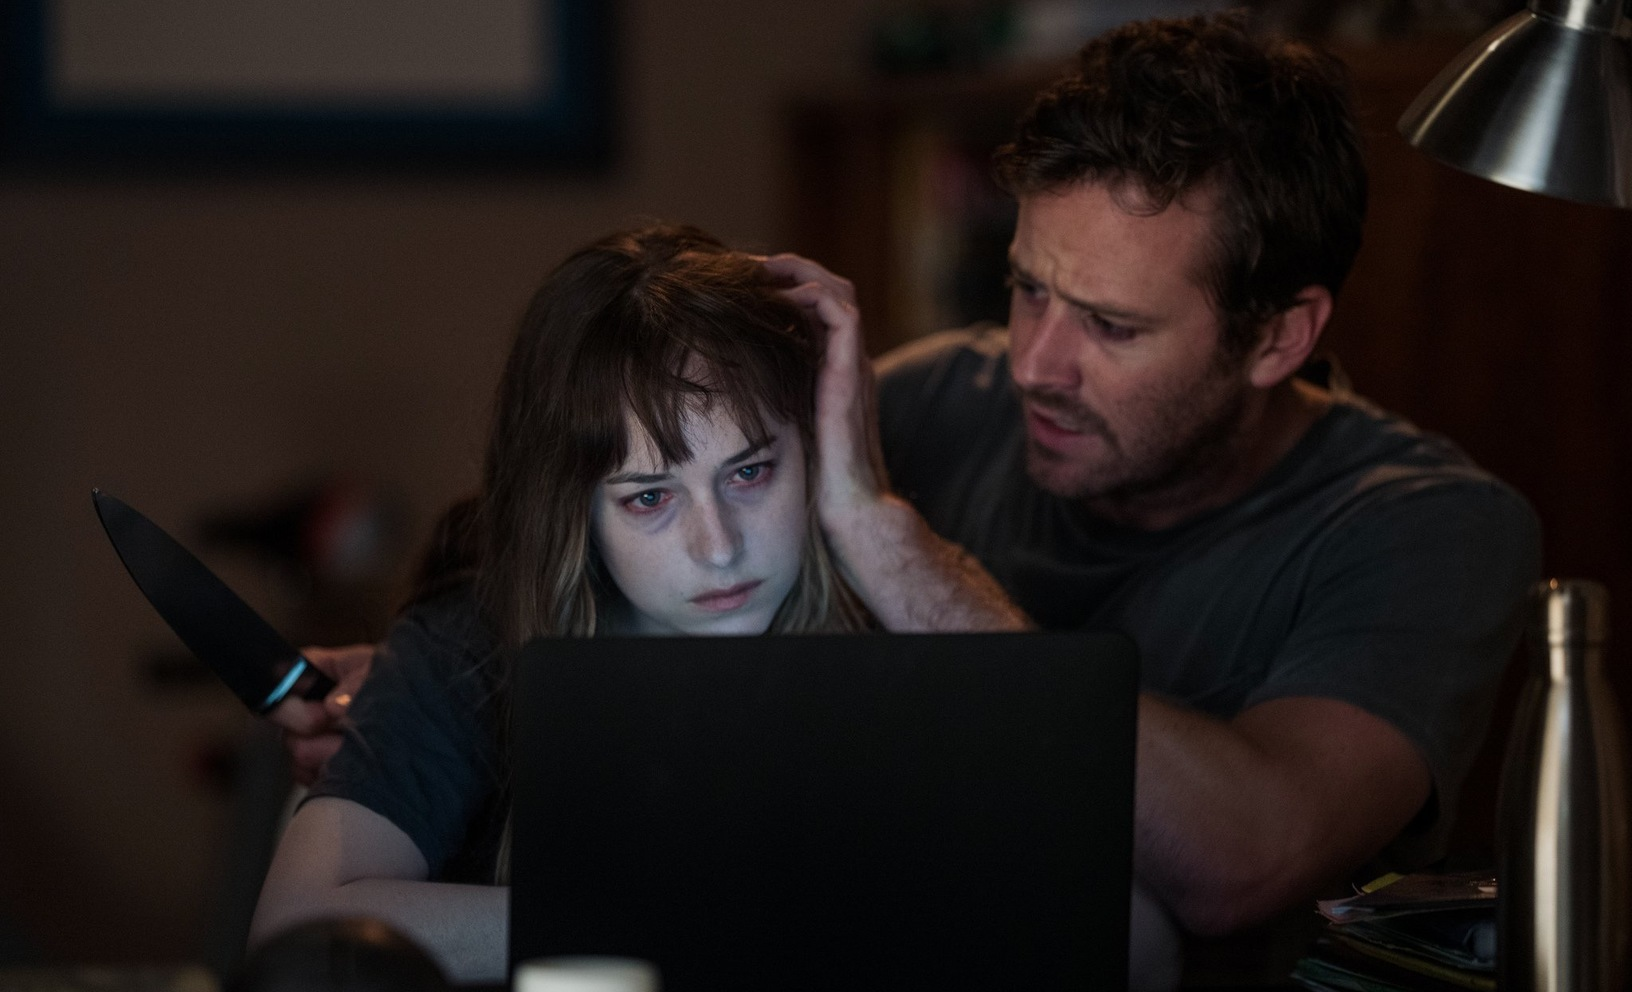 раны на Netflix секретные материалы и тревога 30 летних